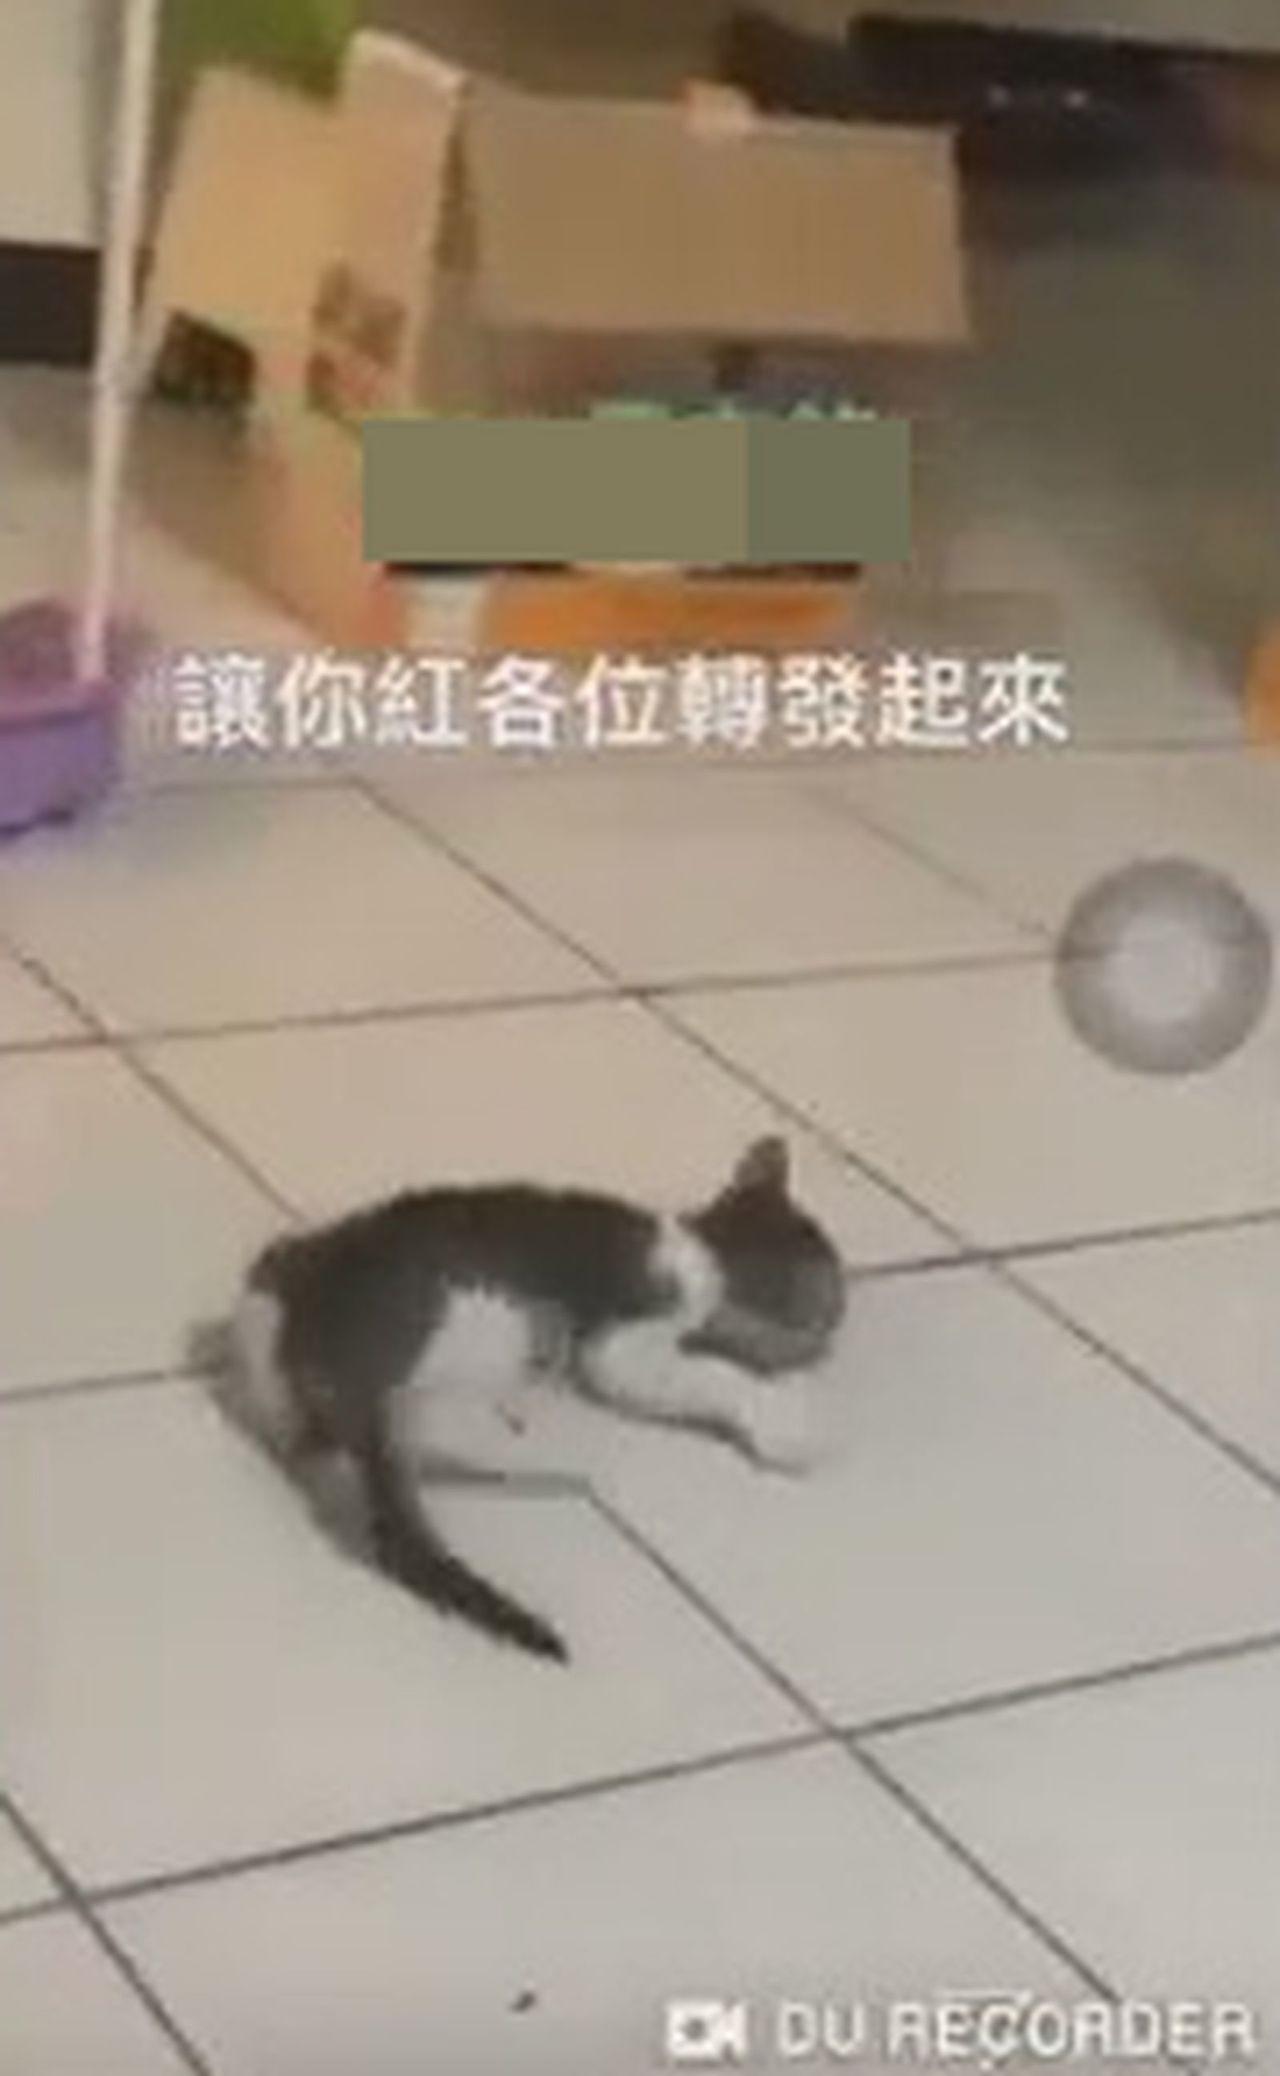 桃園市雷姓高職生,PO網空中甩搖晃幼貓,身體猛轉圈,讓小貓暈頭、身體癱軟無力的在...